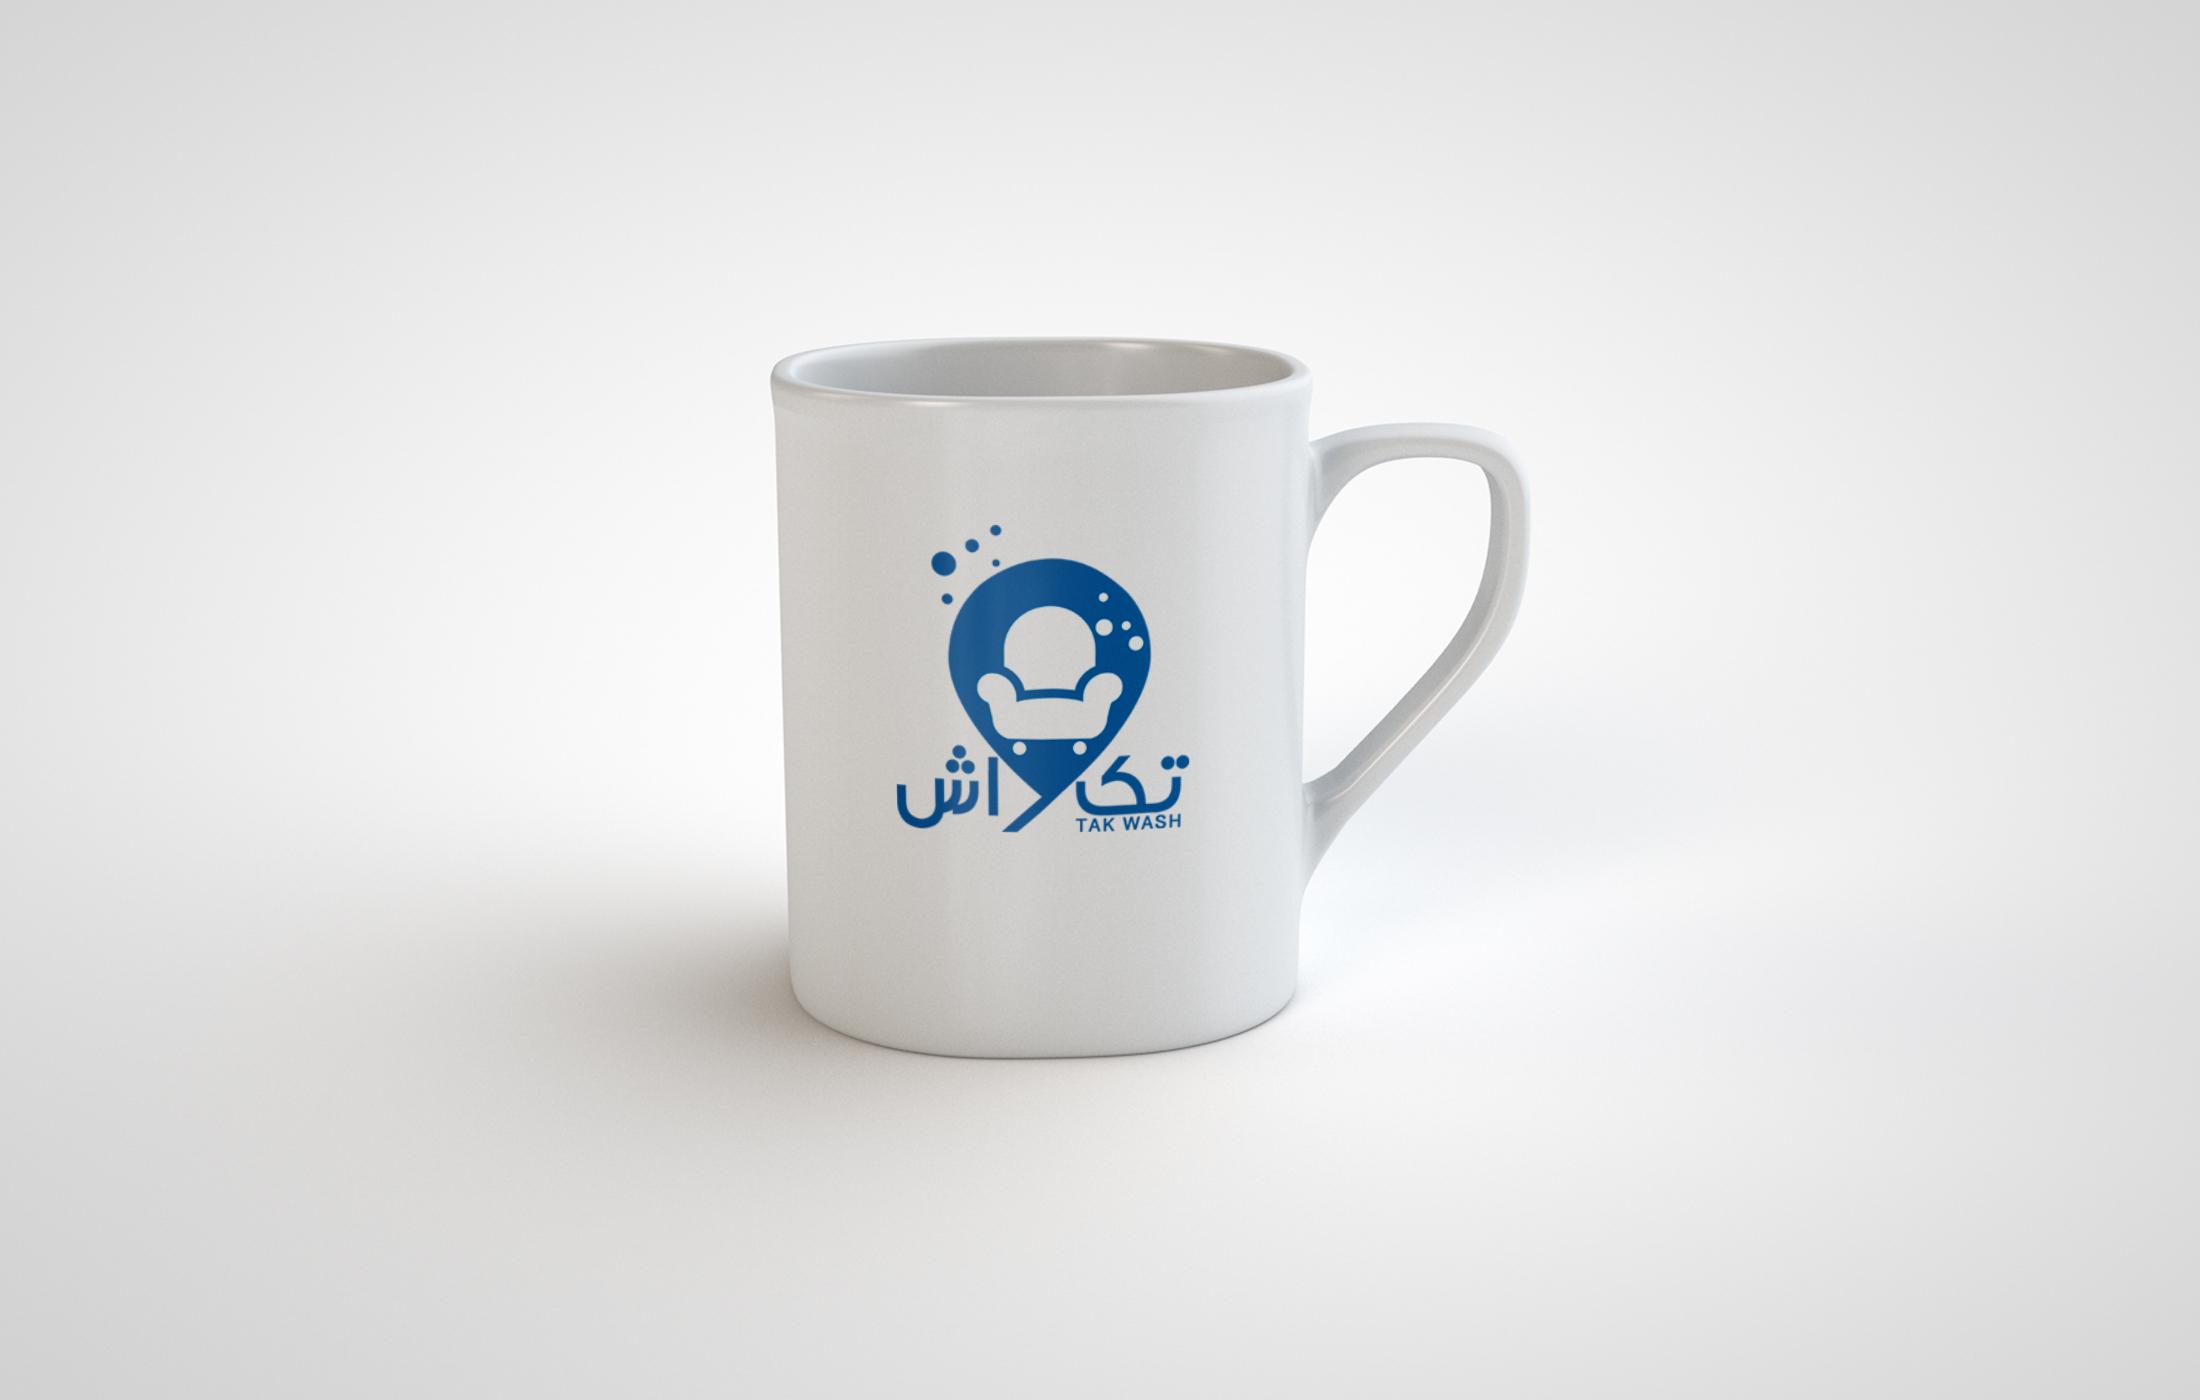 طراحی لوگو آنلاین و ارزان قیمت در مشهد